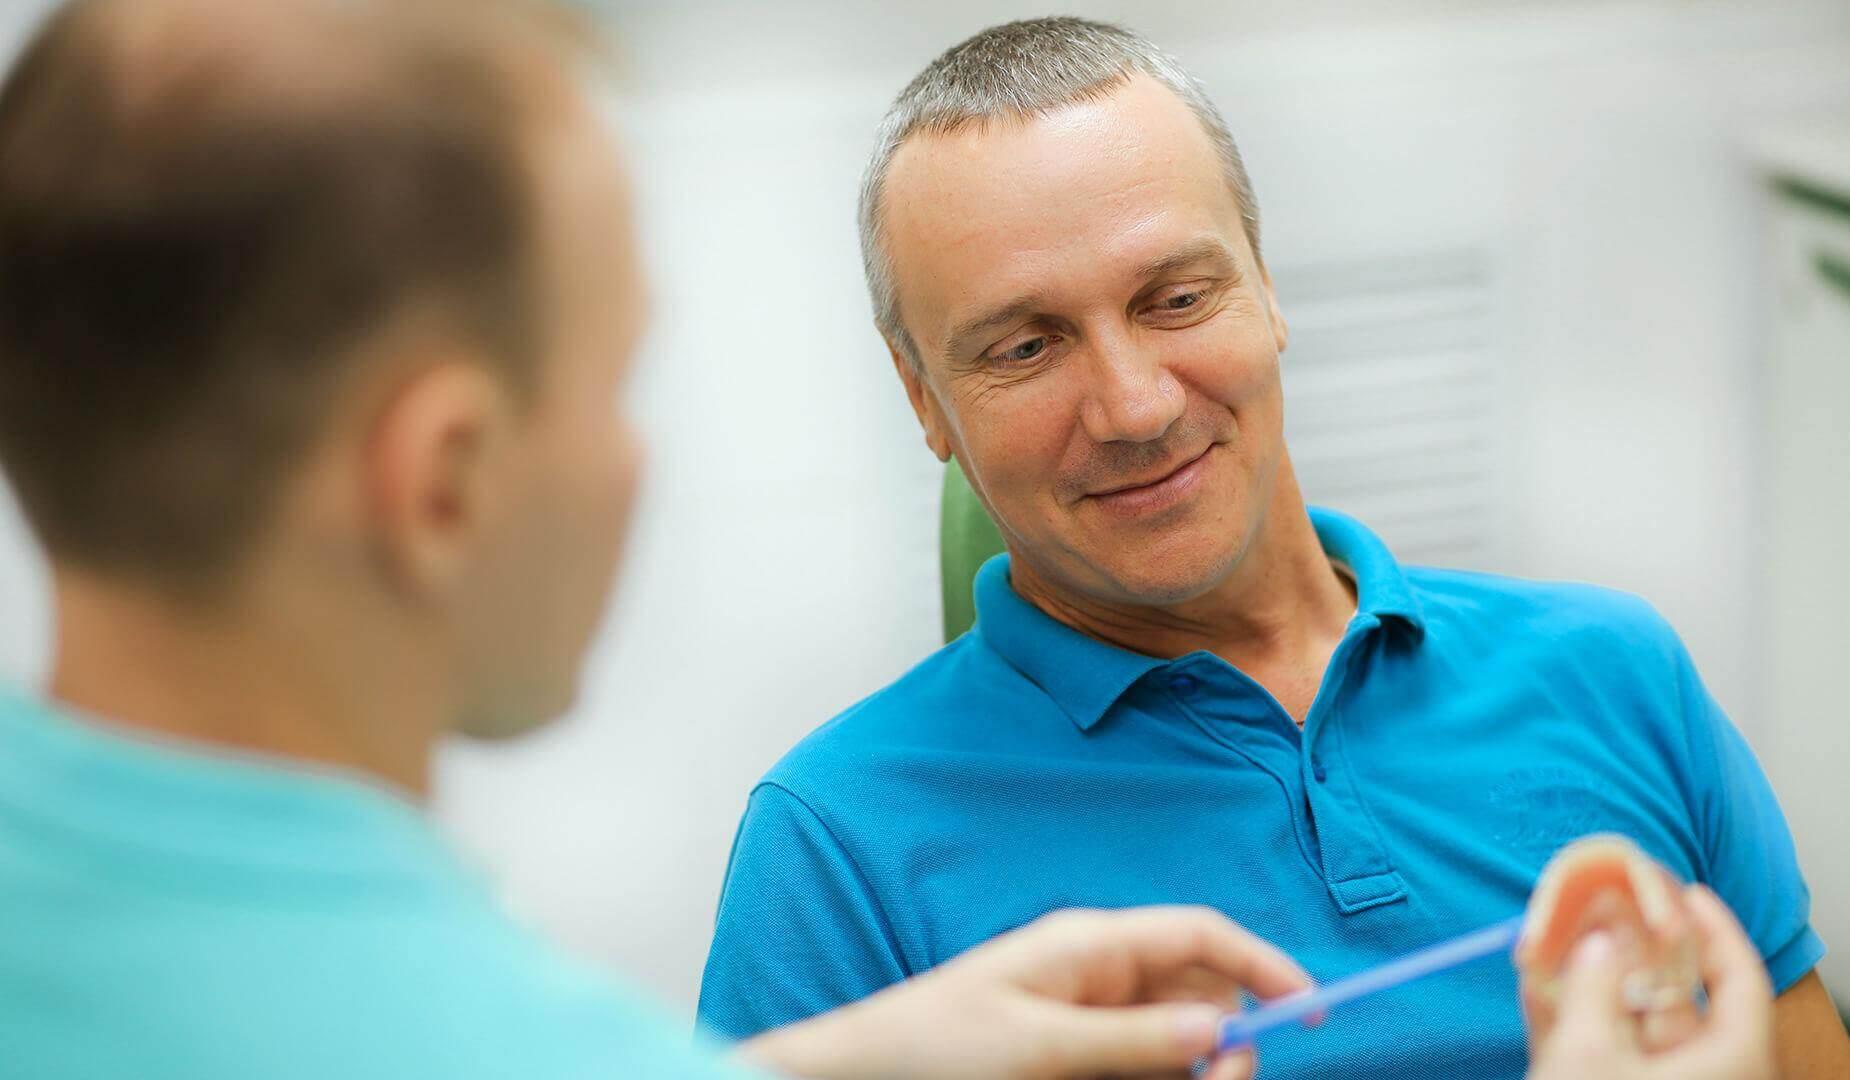 Врач показывает пациенту макет челюсти